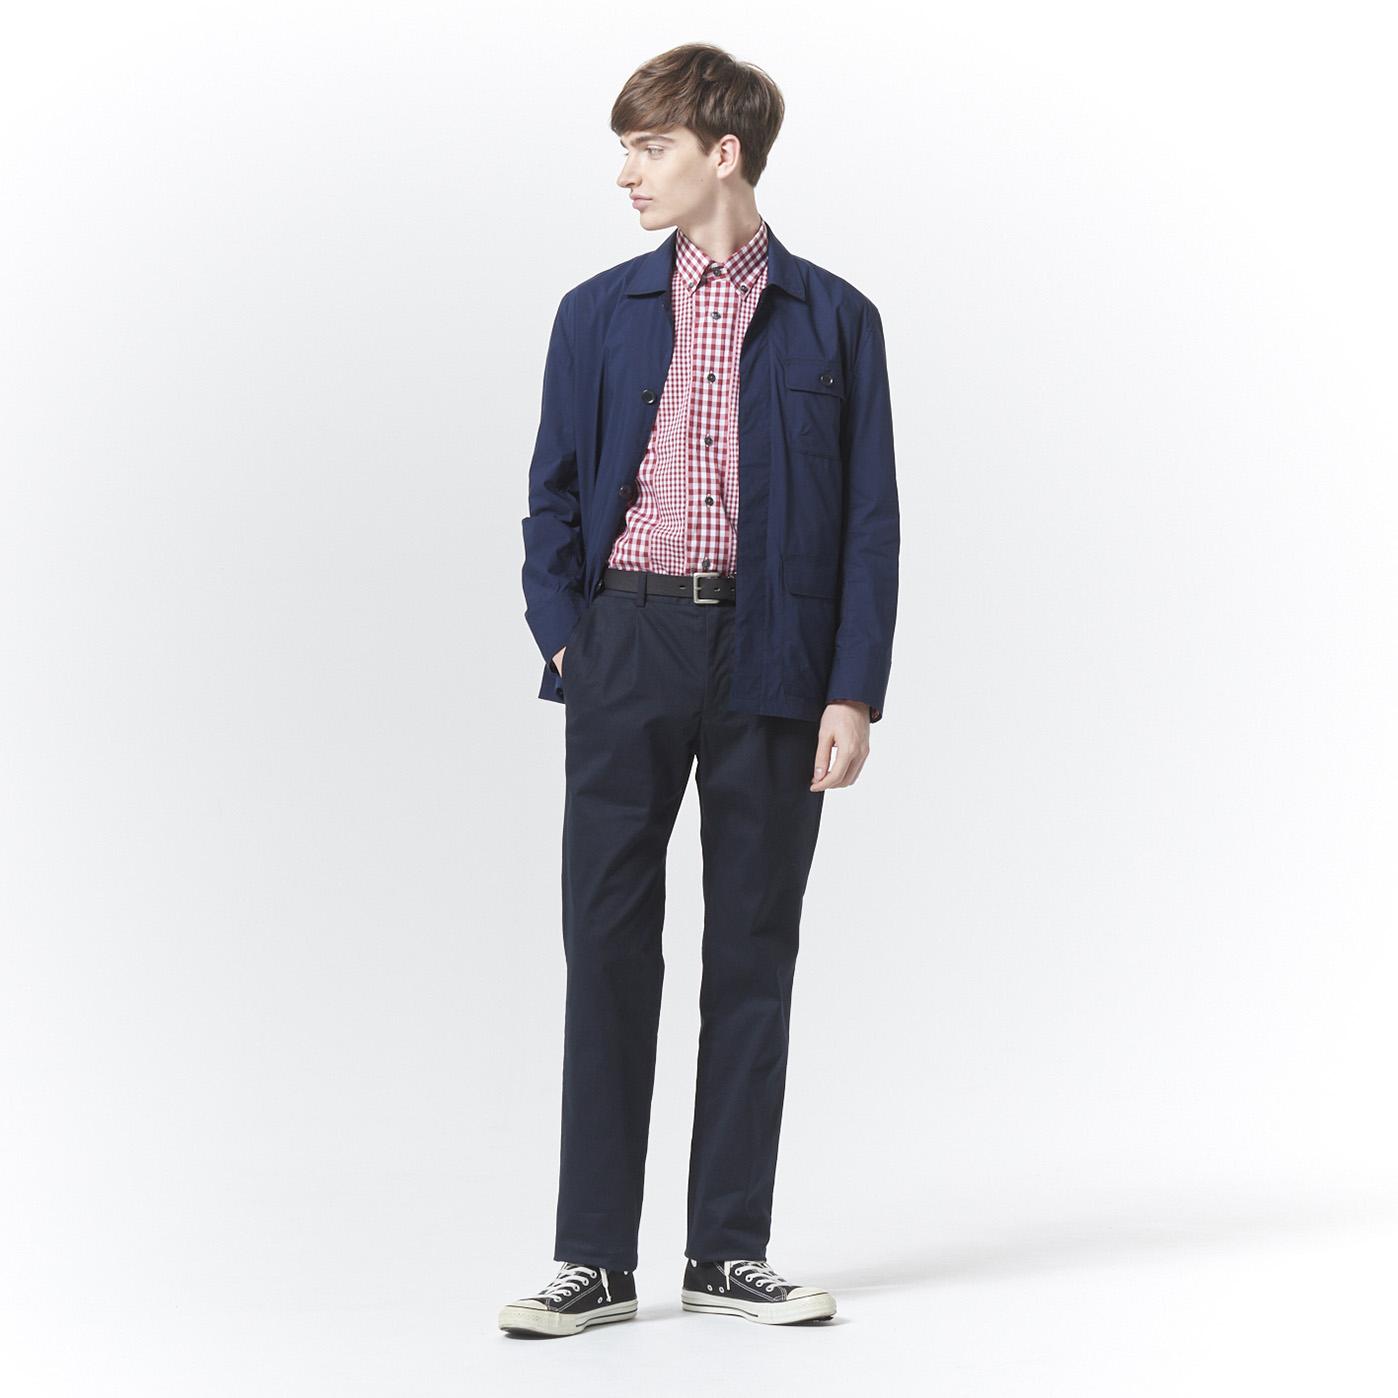 【GoldenBear Mens】</br>春のギンガムチェックシャツコーデ